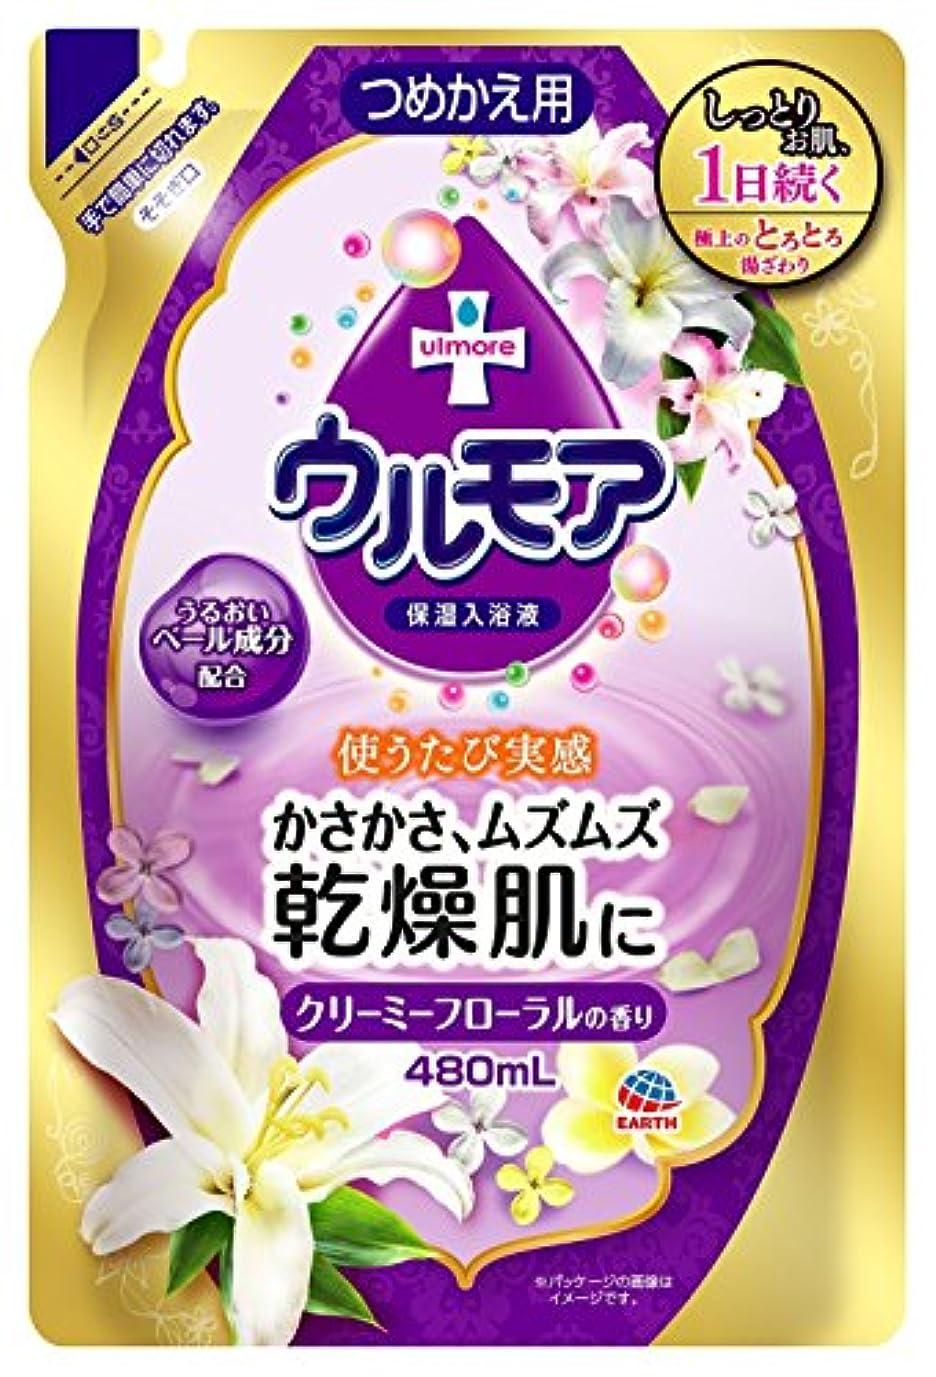 擬人規定冷える【アース製薬】アース 保湿入浴液 ウルモア クリーミーフローラル つめかえ用 480ml ×3個セット